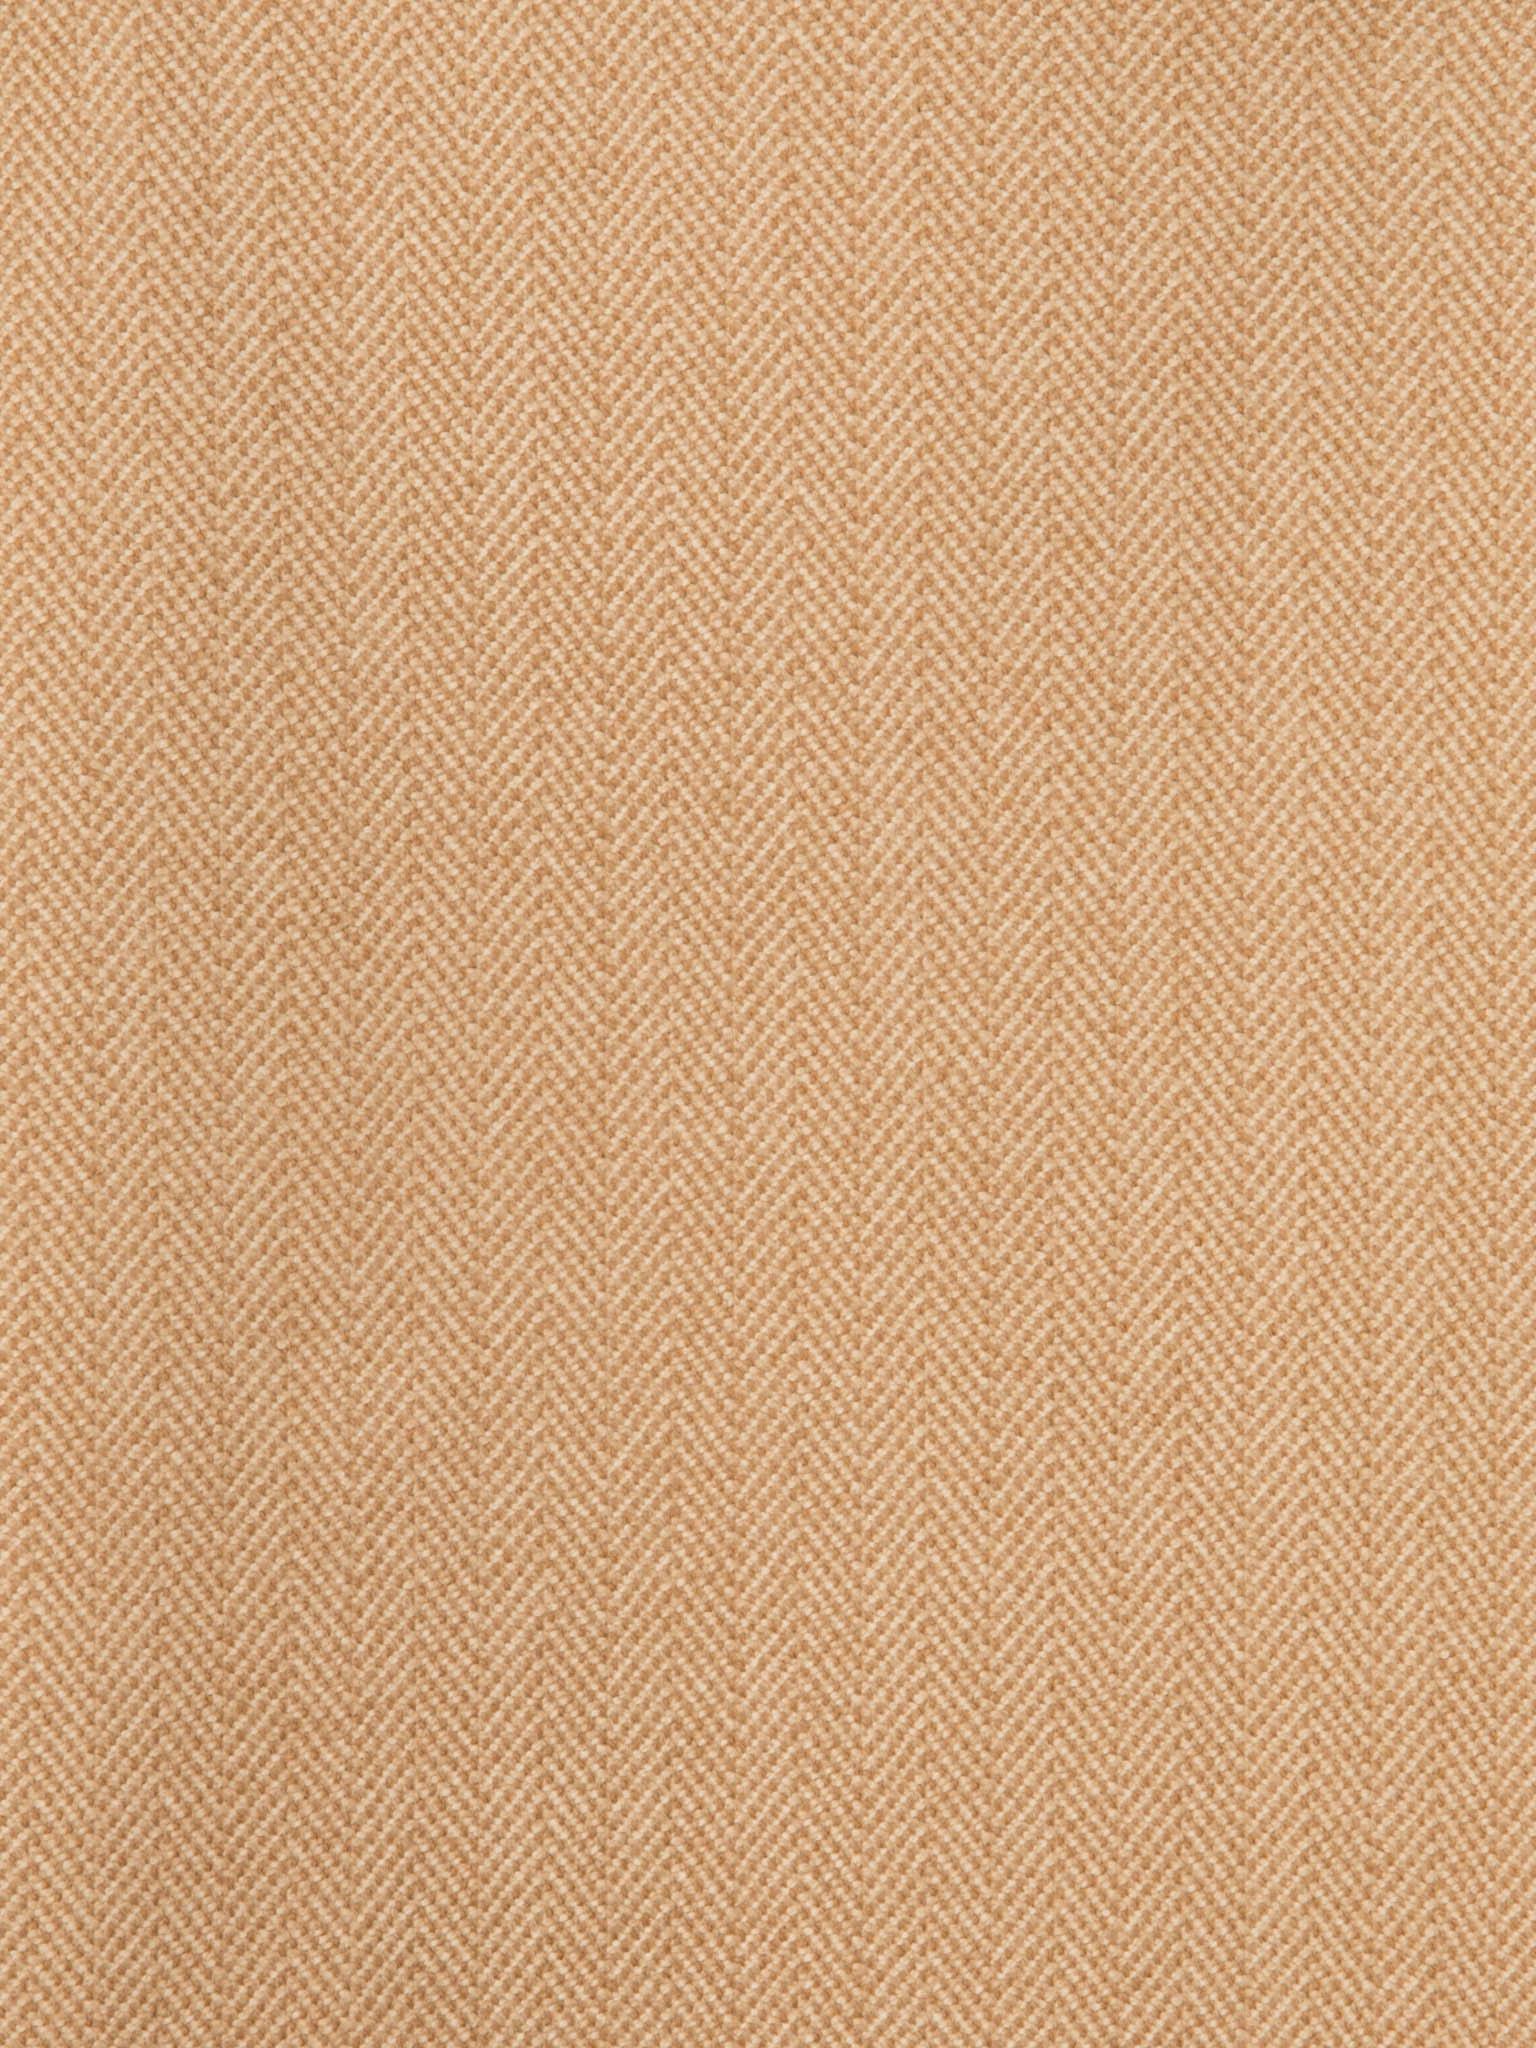 Savile Row Windsor Tweed DE12095